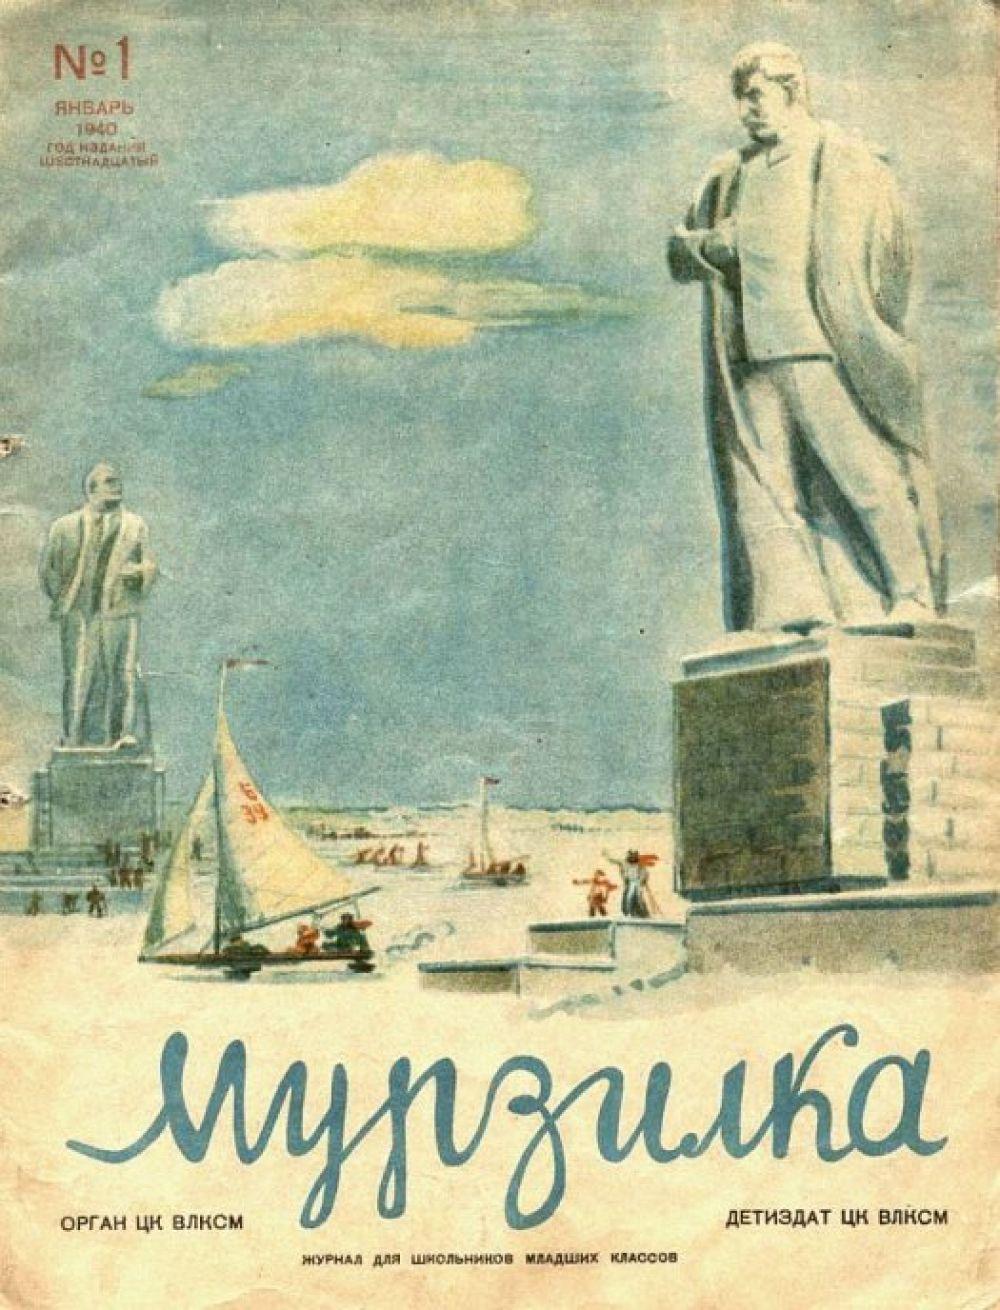 Обложка одного из номеров за 1940 год.